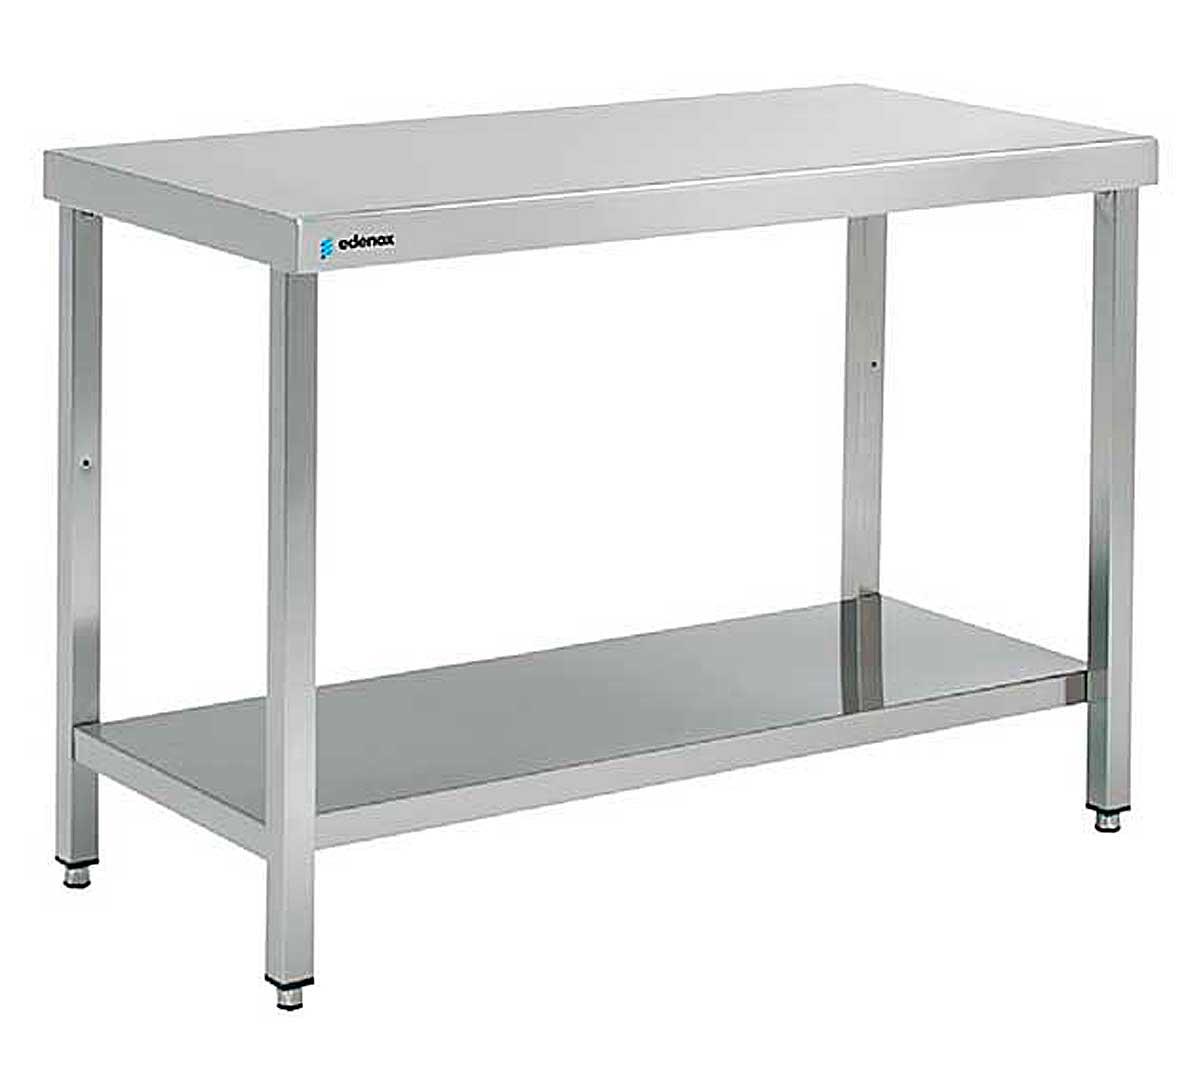 Mesa central gama 700 de edenox for Dimensiones mesa de trabajo